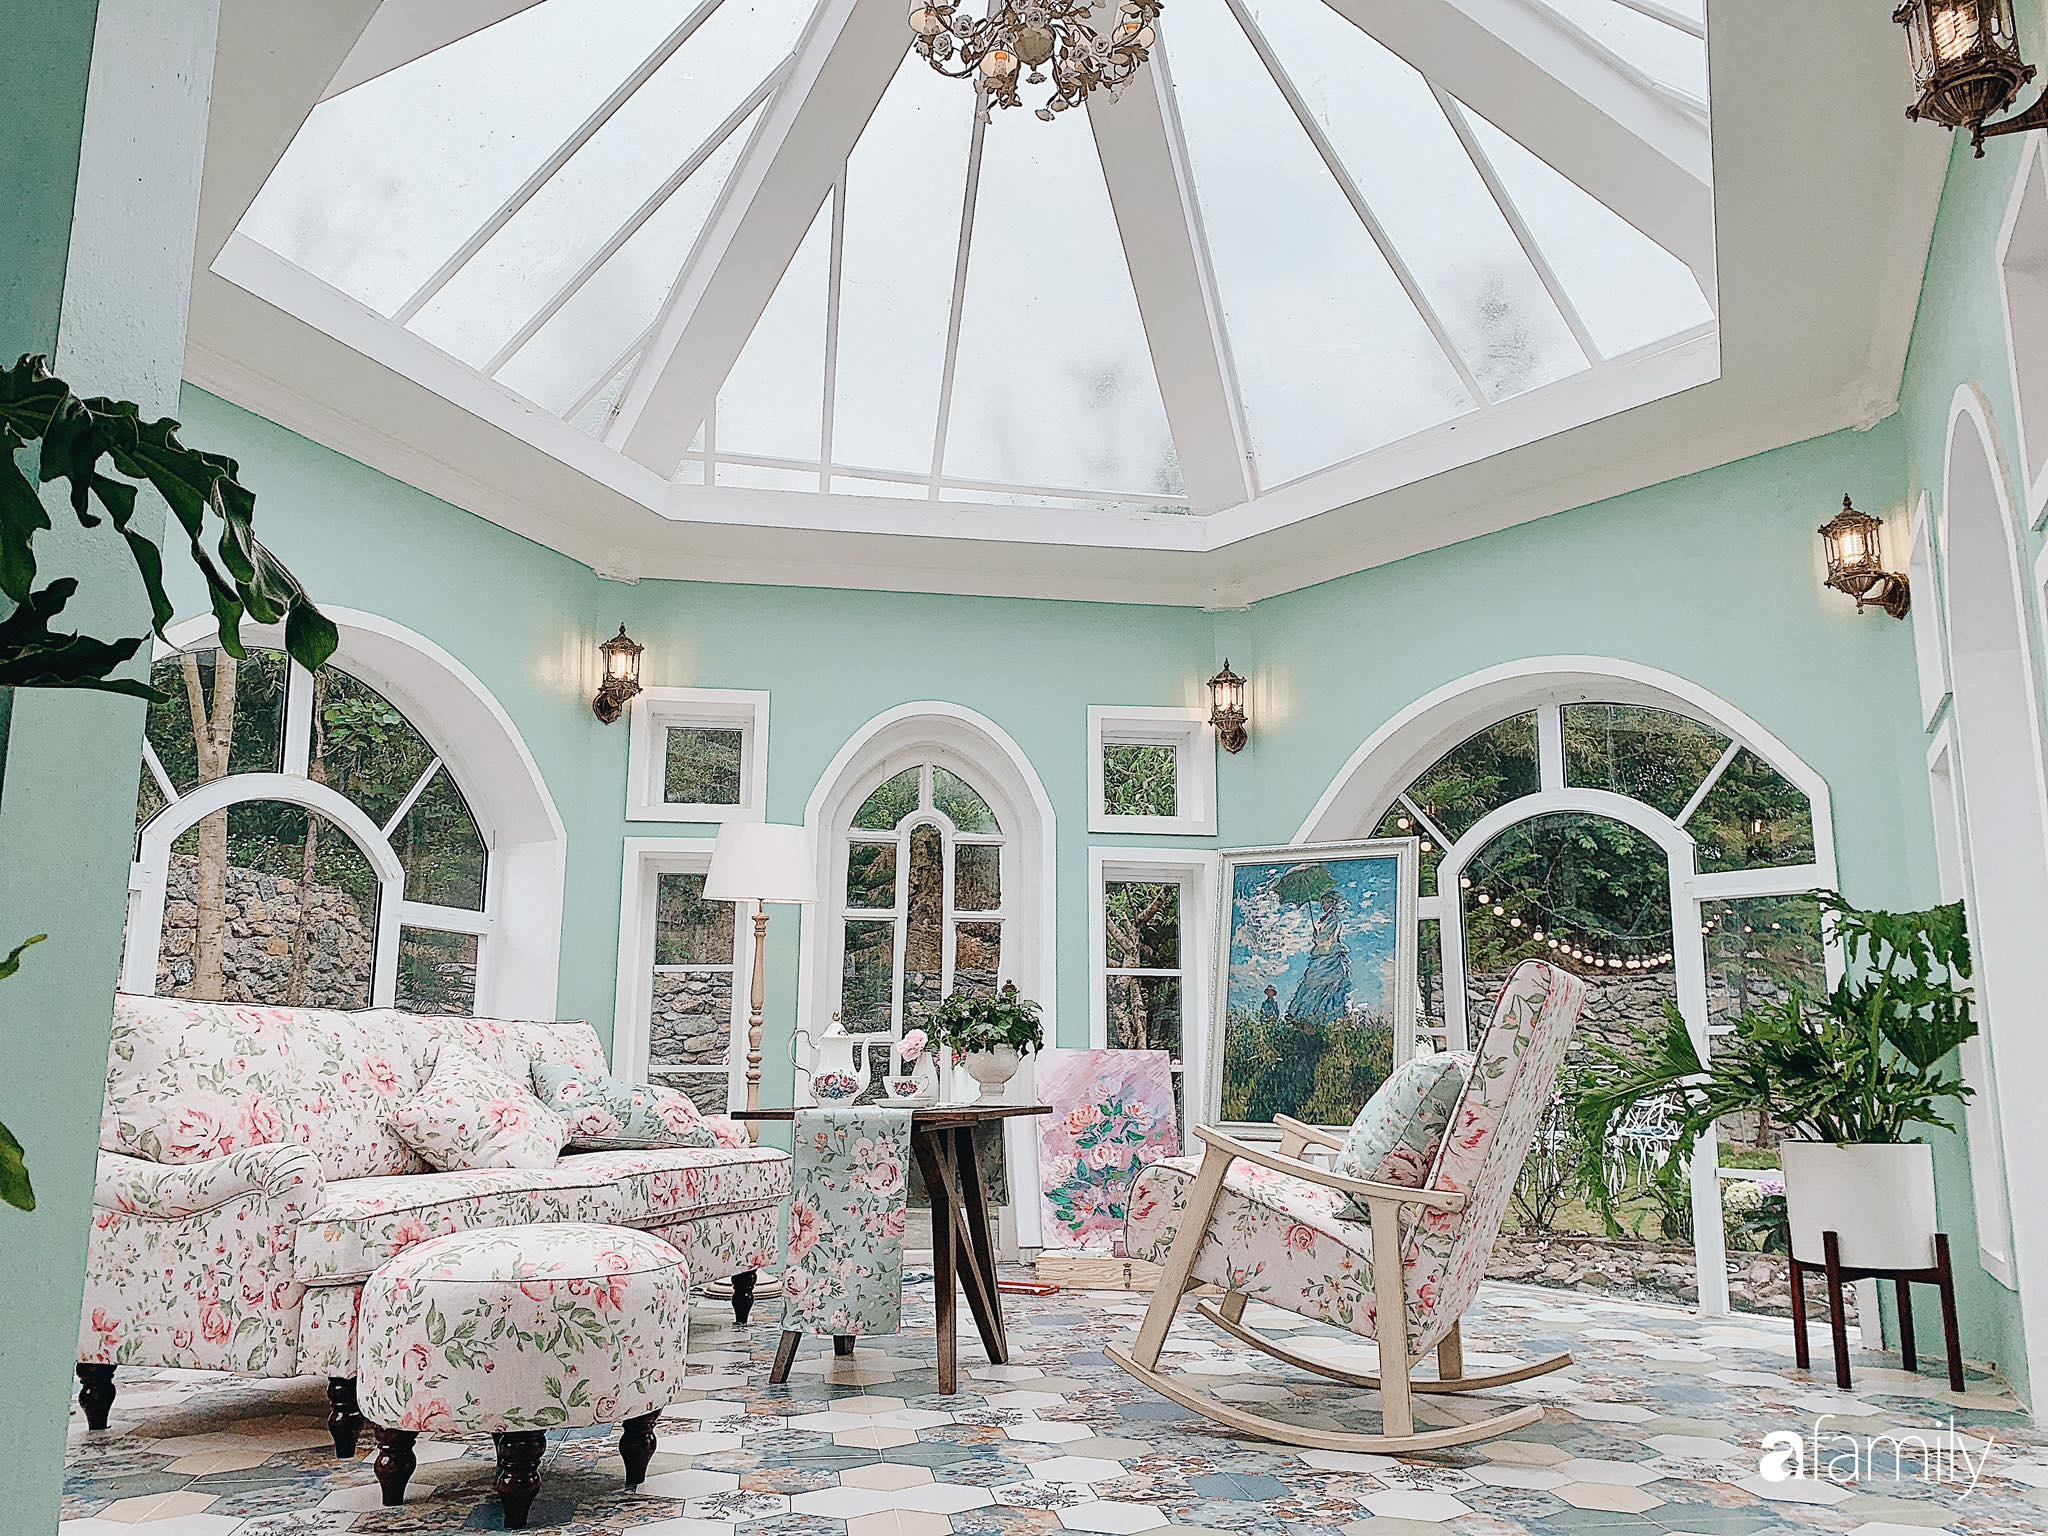 Biệt thự 1000m² tọa lạc trên đồi đẹp yên bình với ngoại thất sân vườn rực rỡ sắc màu hoa lá ở Hòa Bình - Ảnh 9.